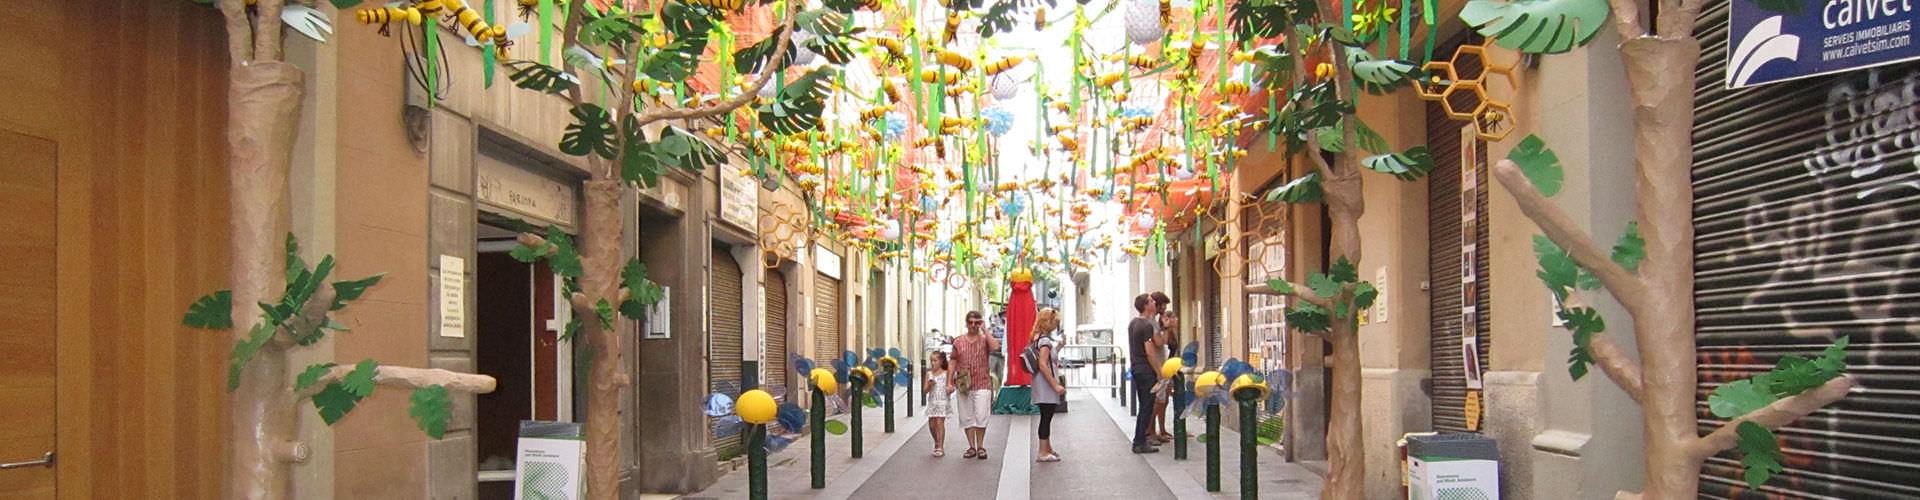 Barcelone - Chambres pas chères dans le quartier de Gràcia. Cartes pour Barcelone, photos et commentaires pour chaque chambre à Barcelone.